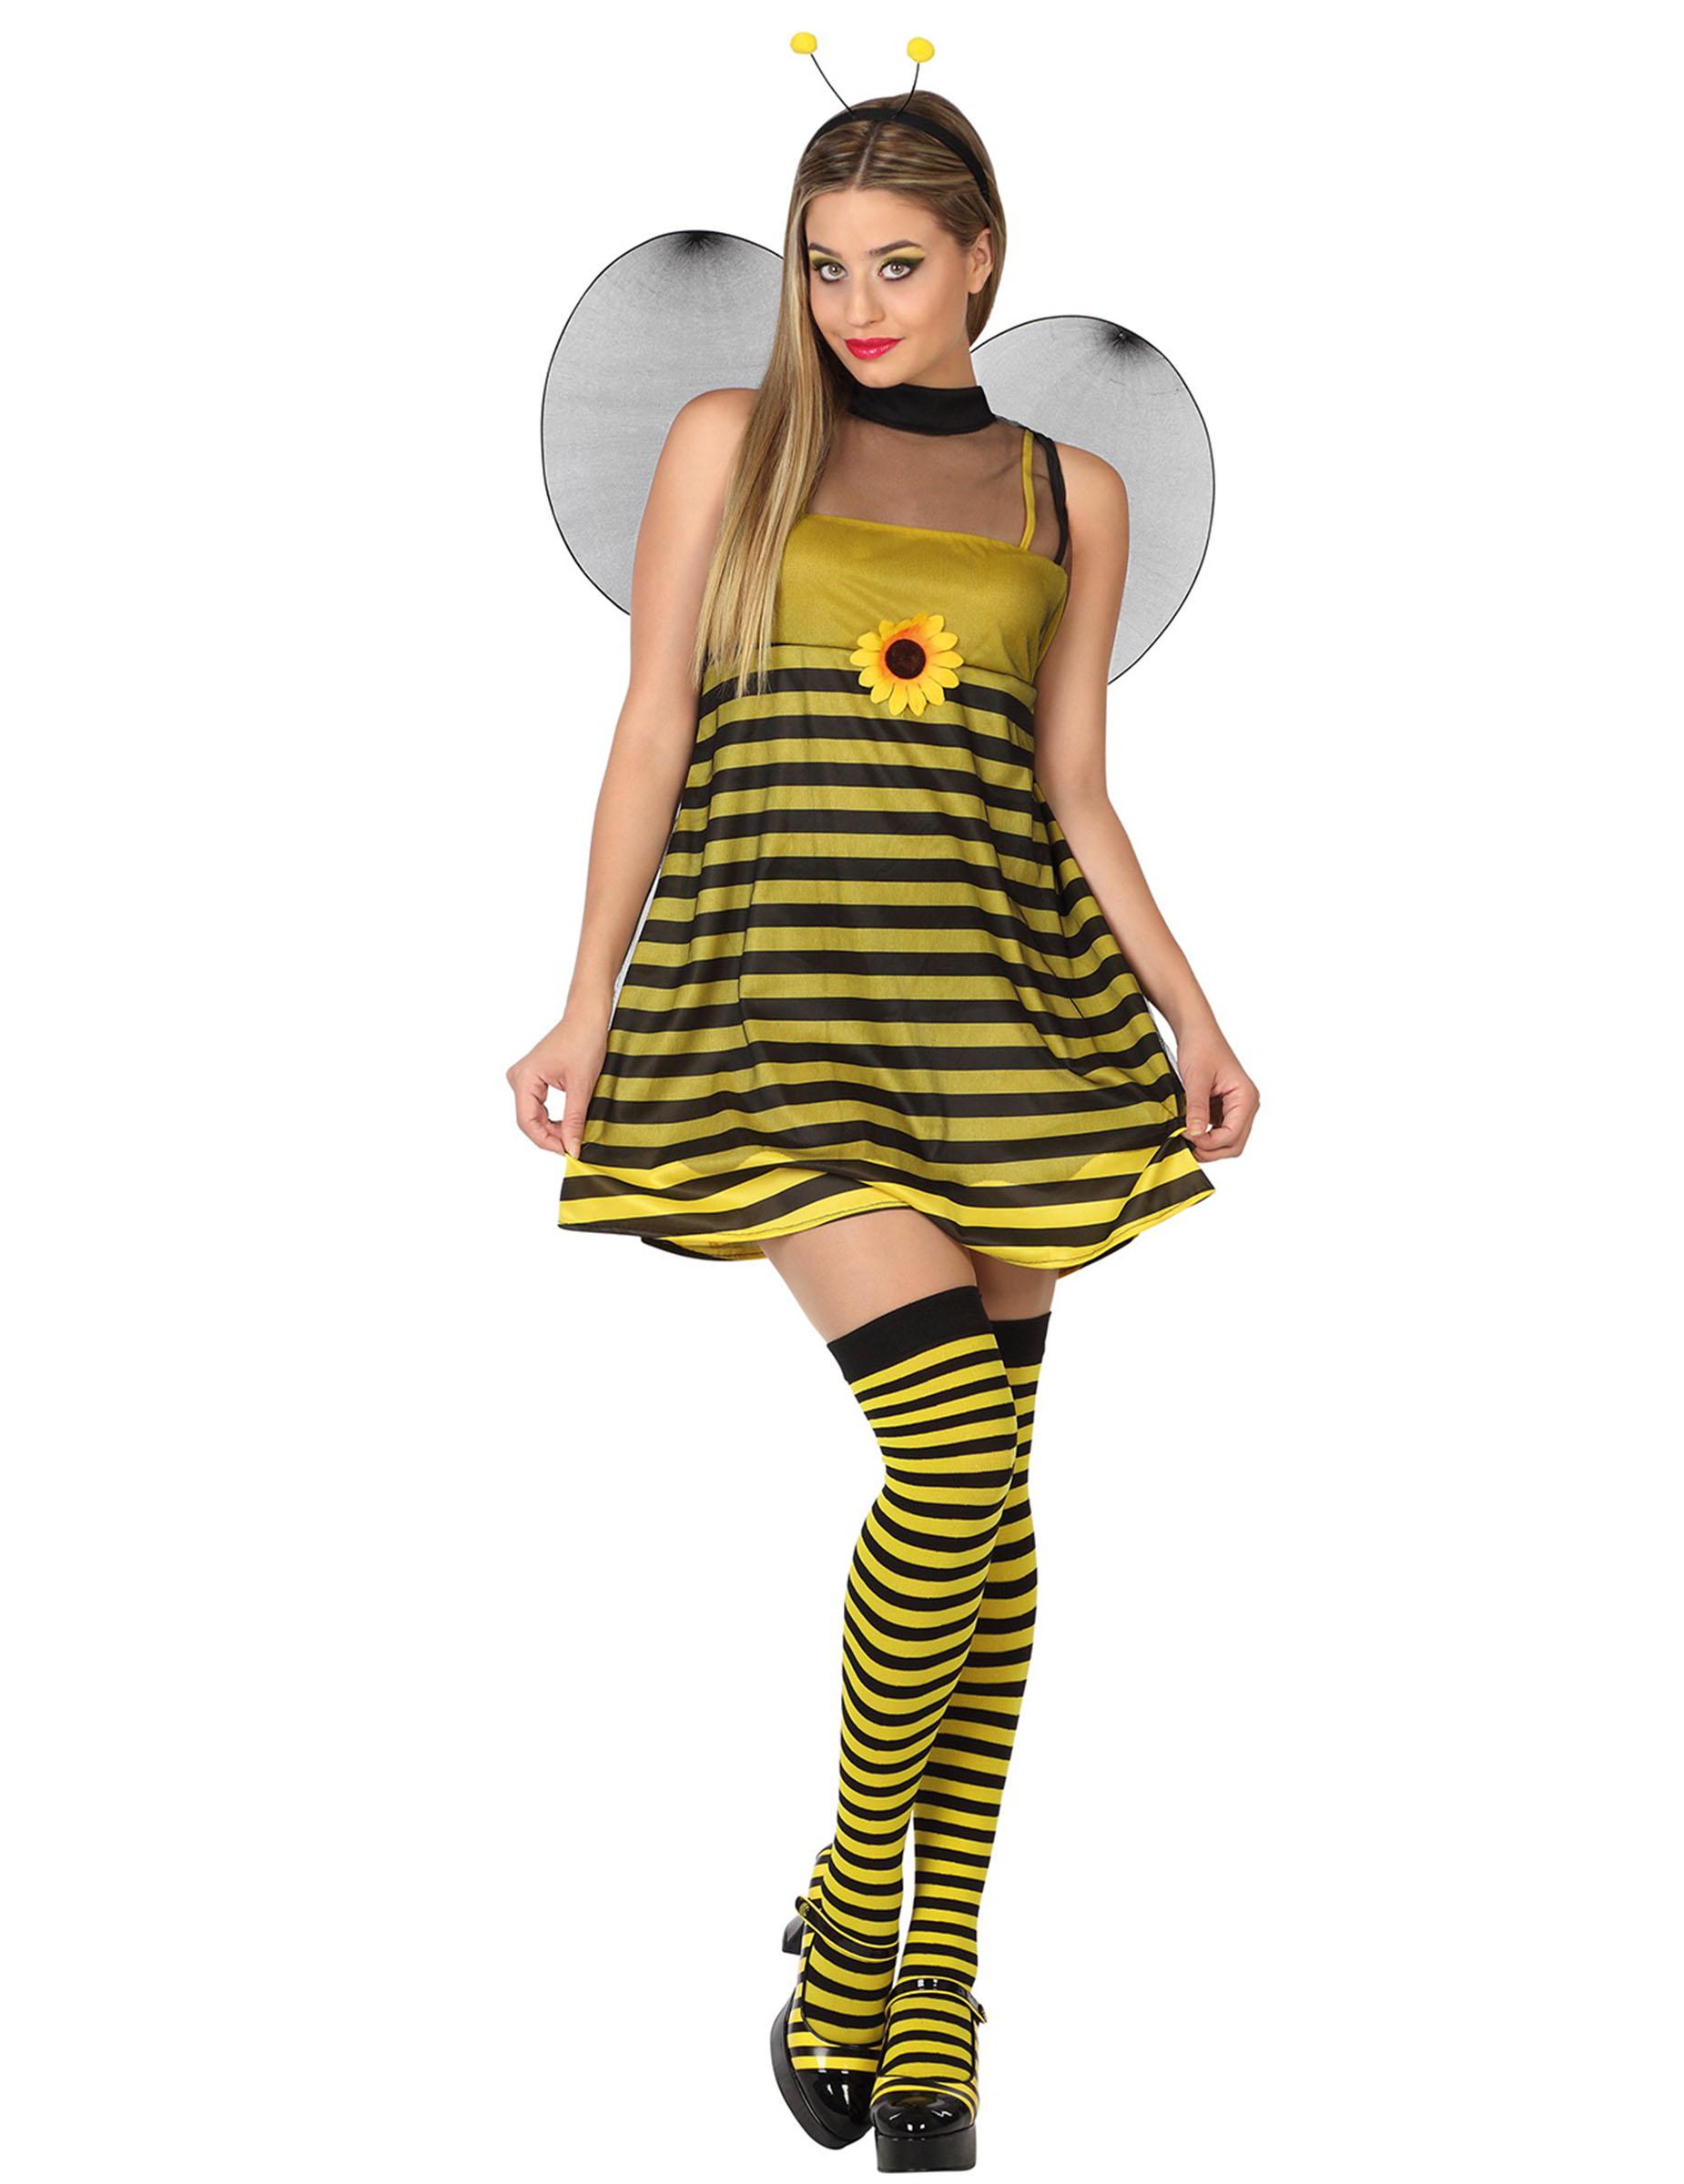 Bienchen Pumps Bienenkostüm-Accessoire schwarz-gelb tT3YHnU